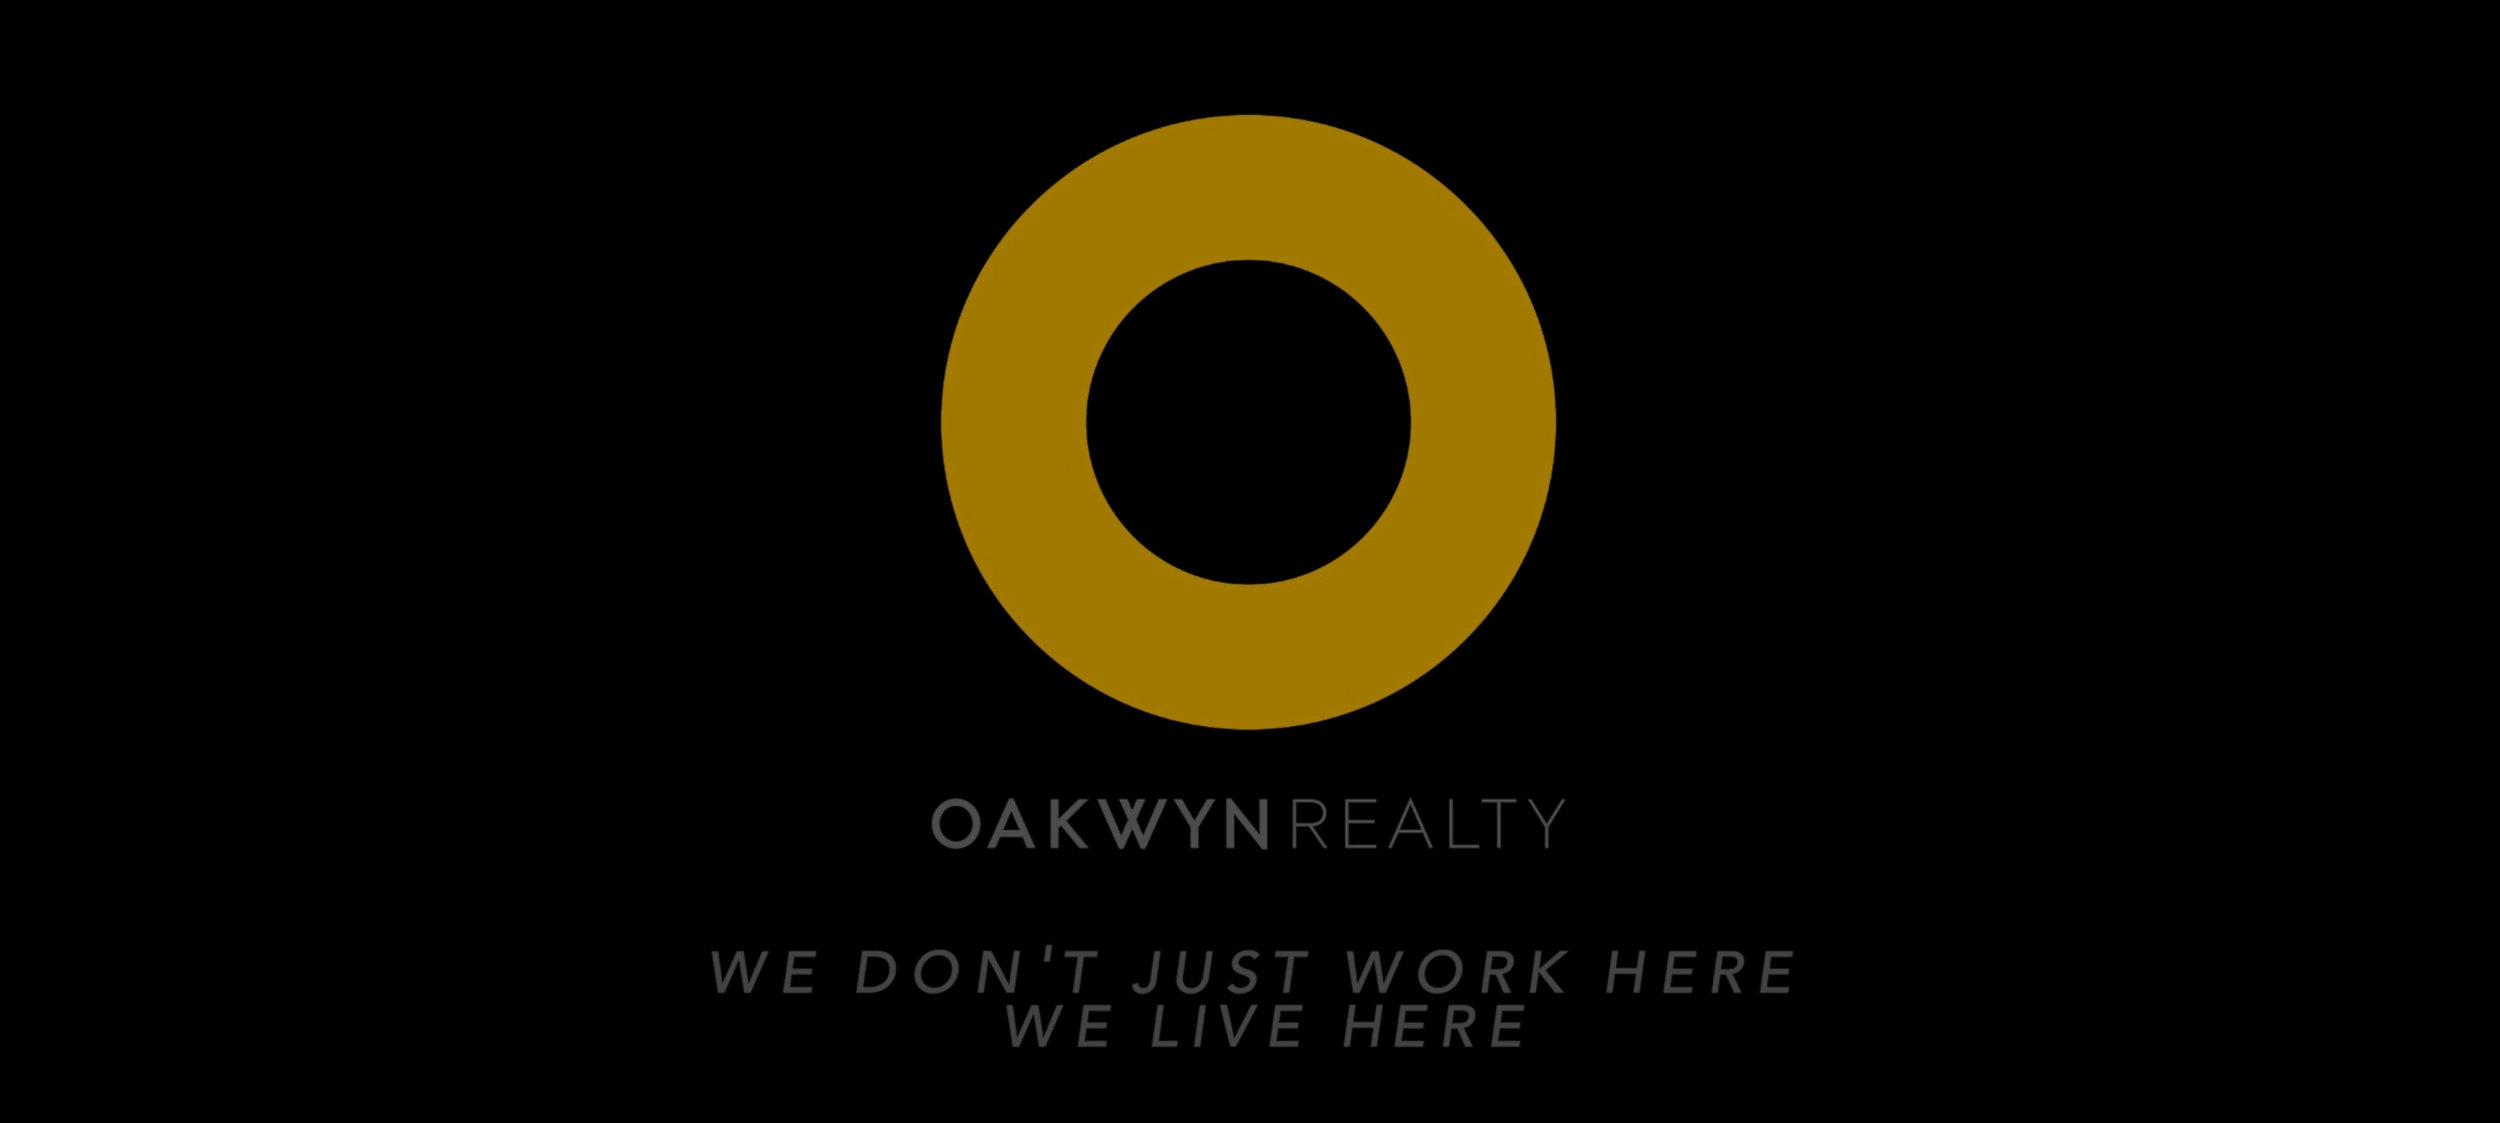 oakwyn-realty-vancouver.jpg